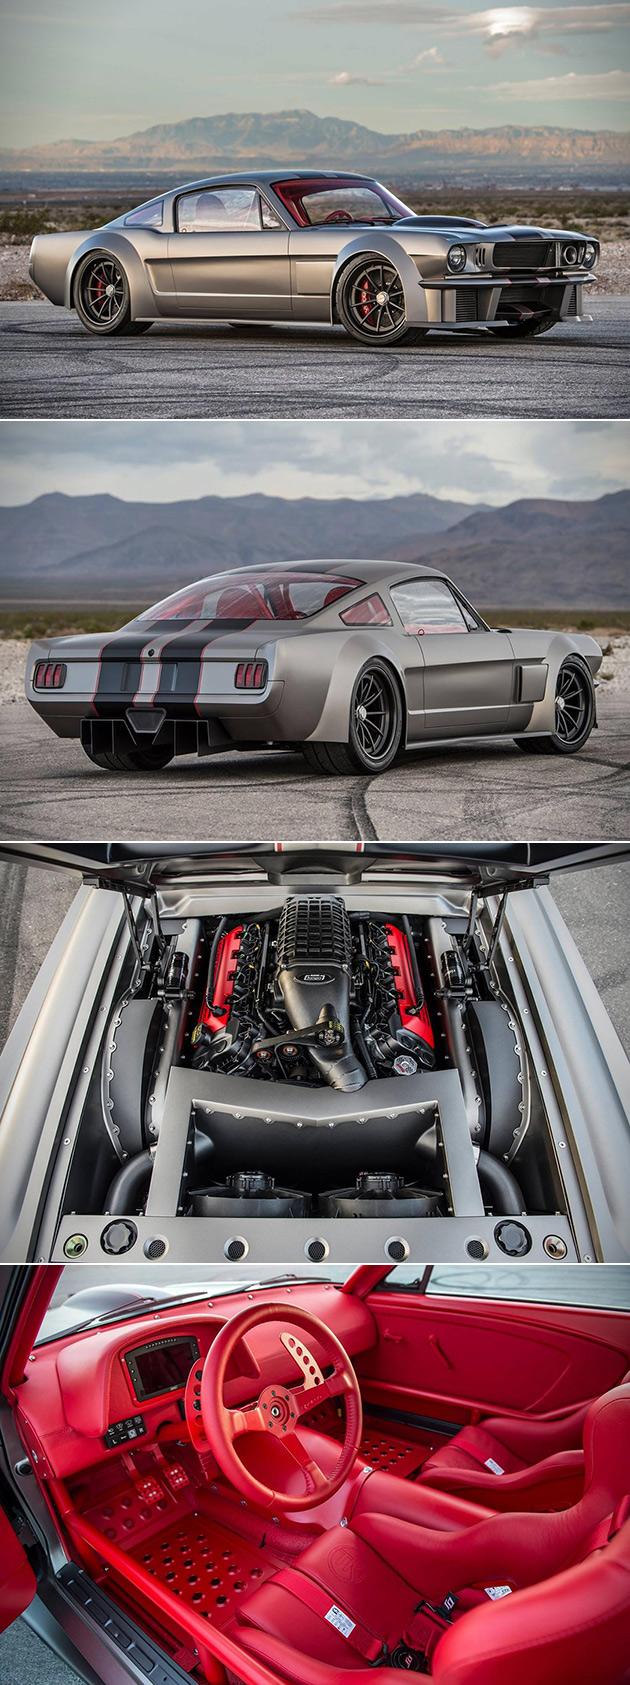 Vicious 1965 Mustang